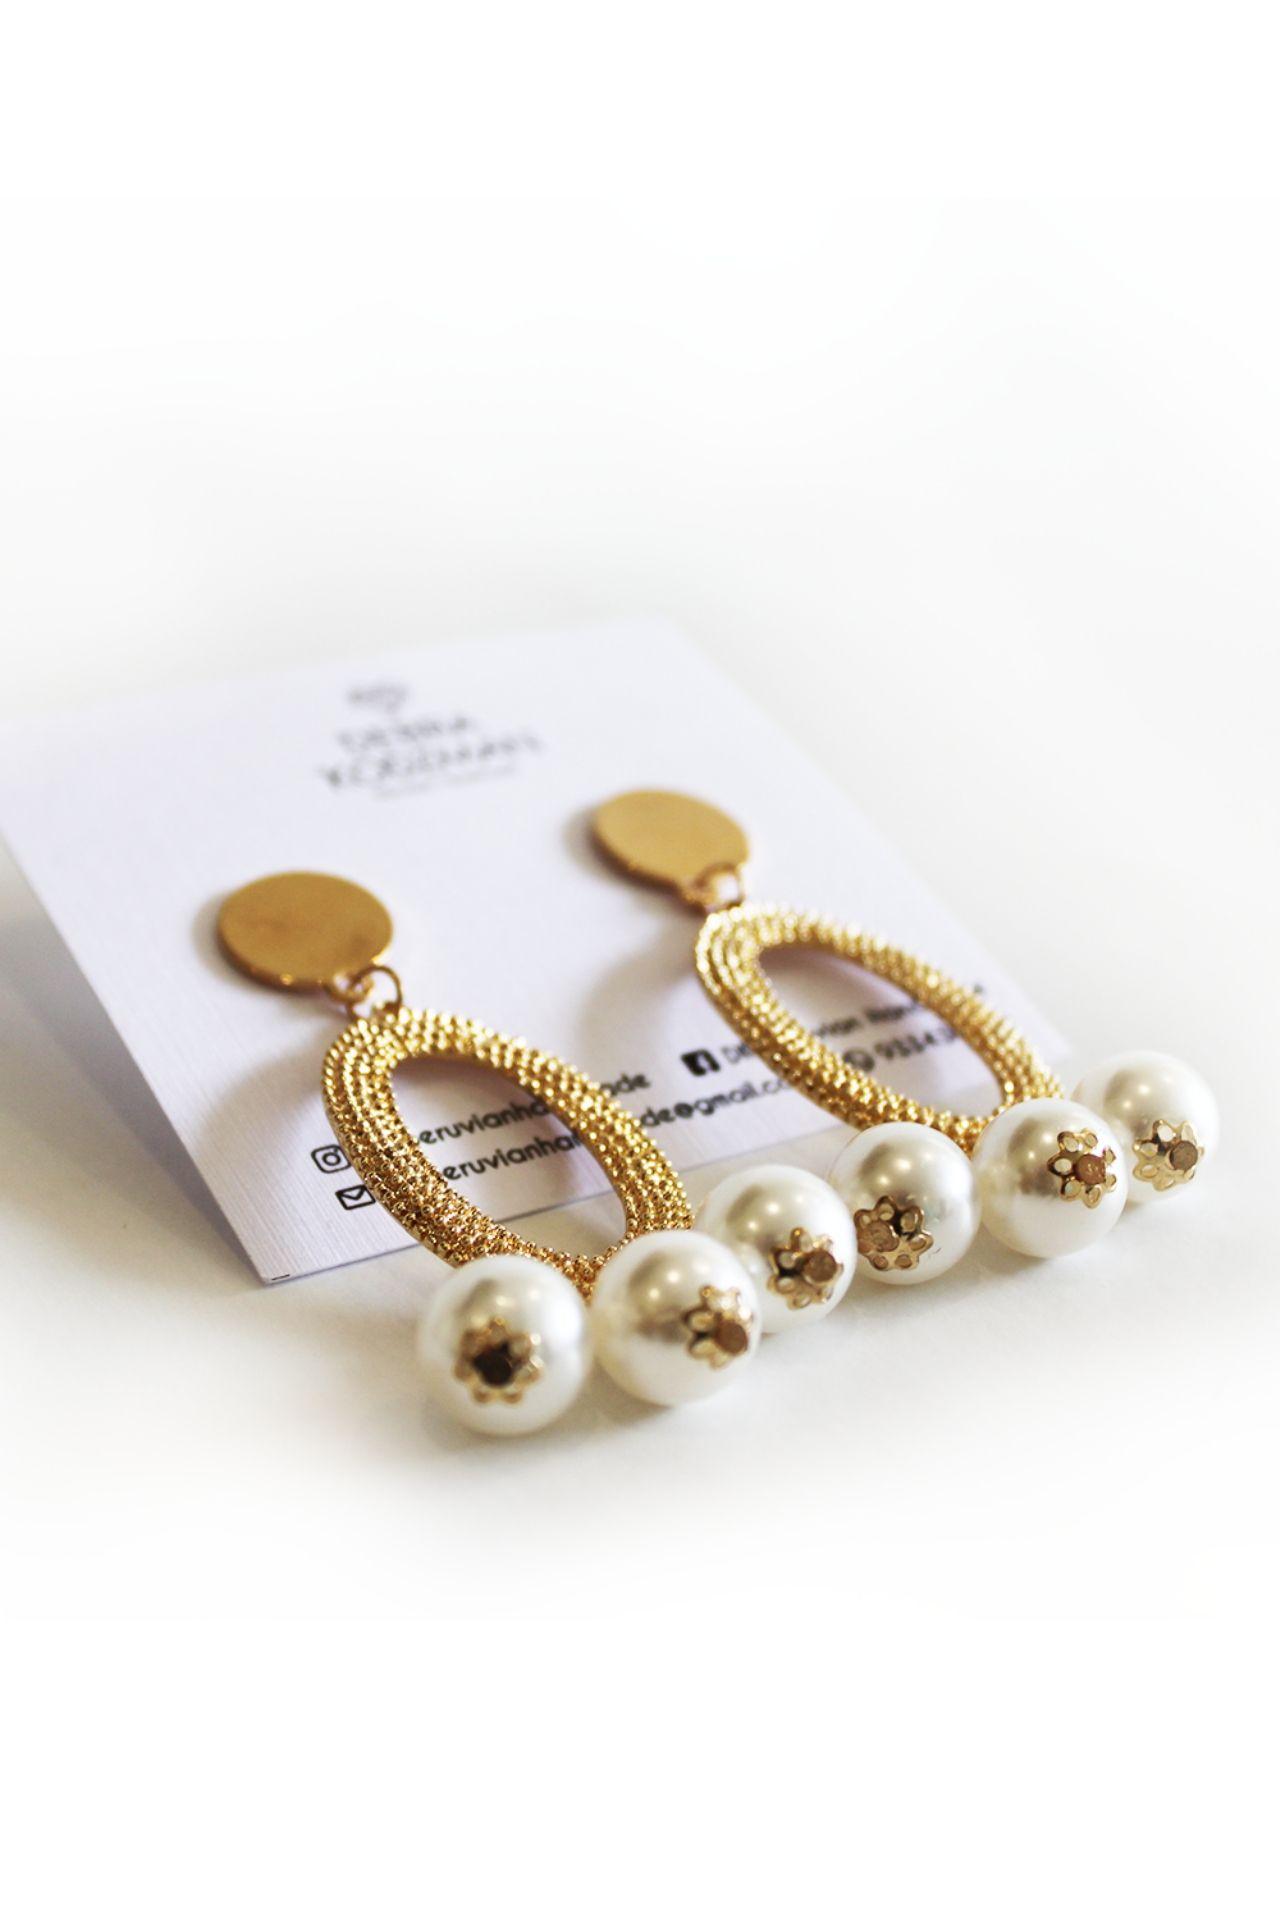 Aretes de fantasía con perlas.